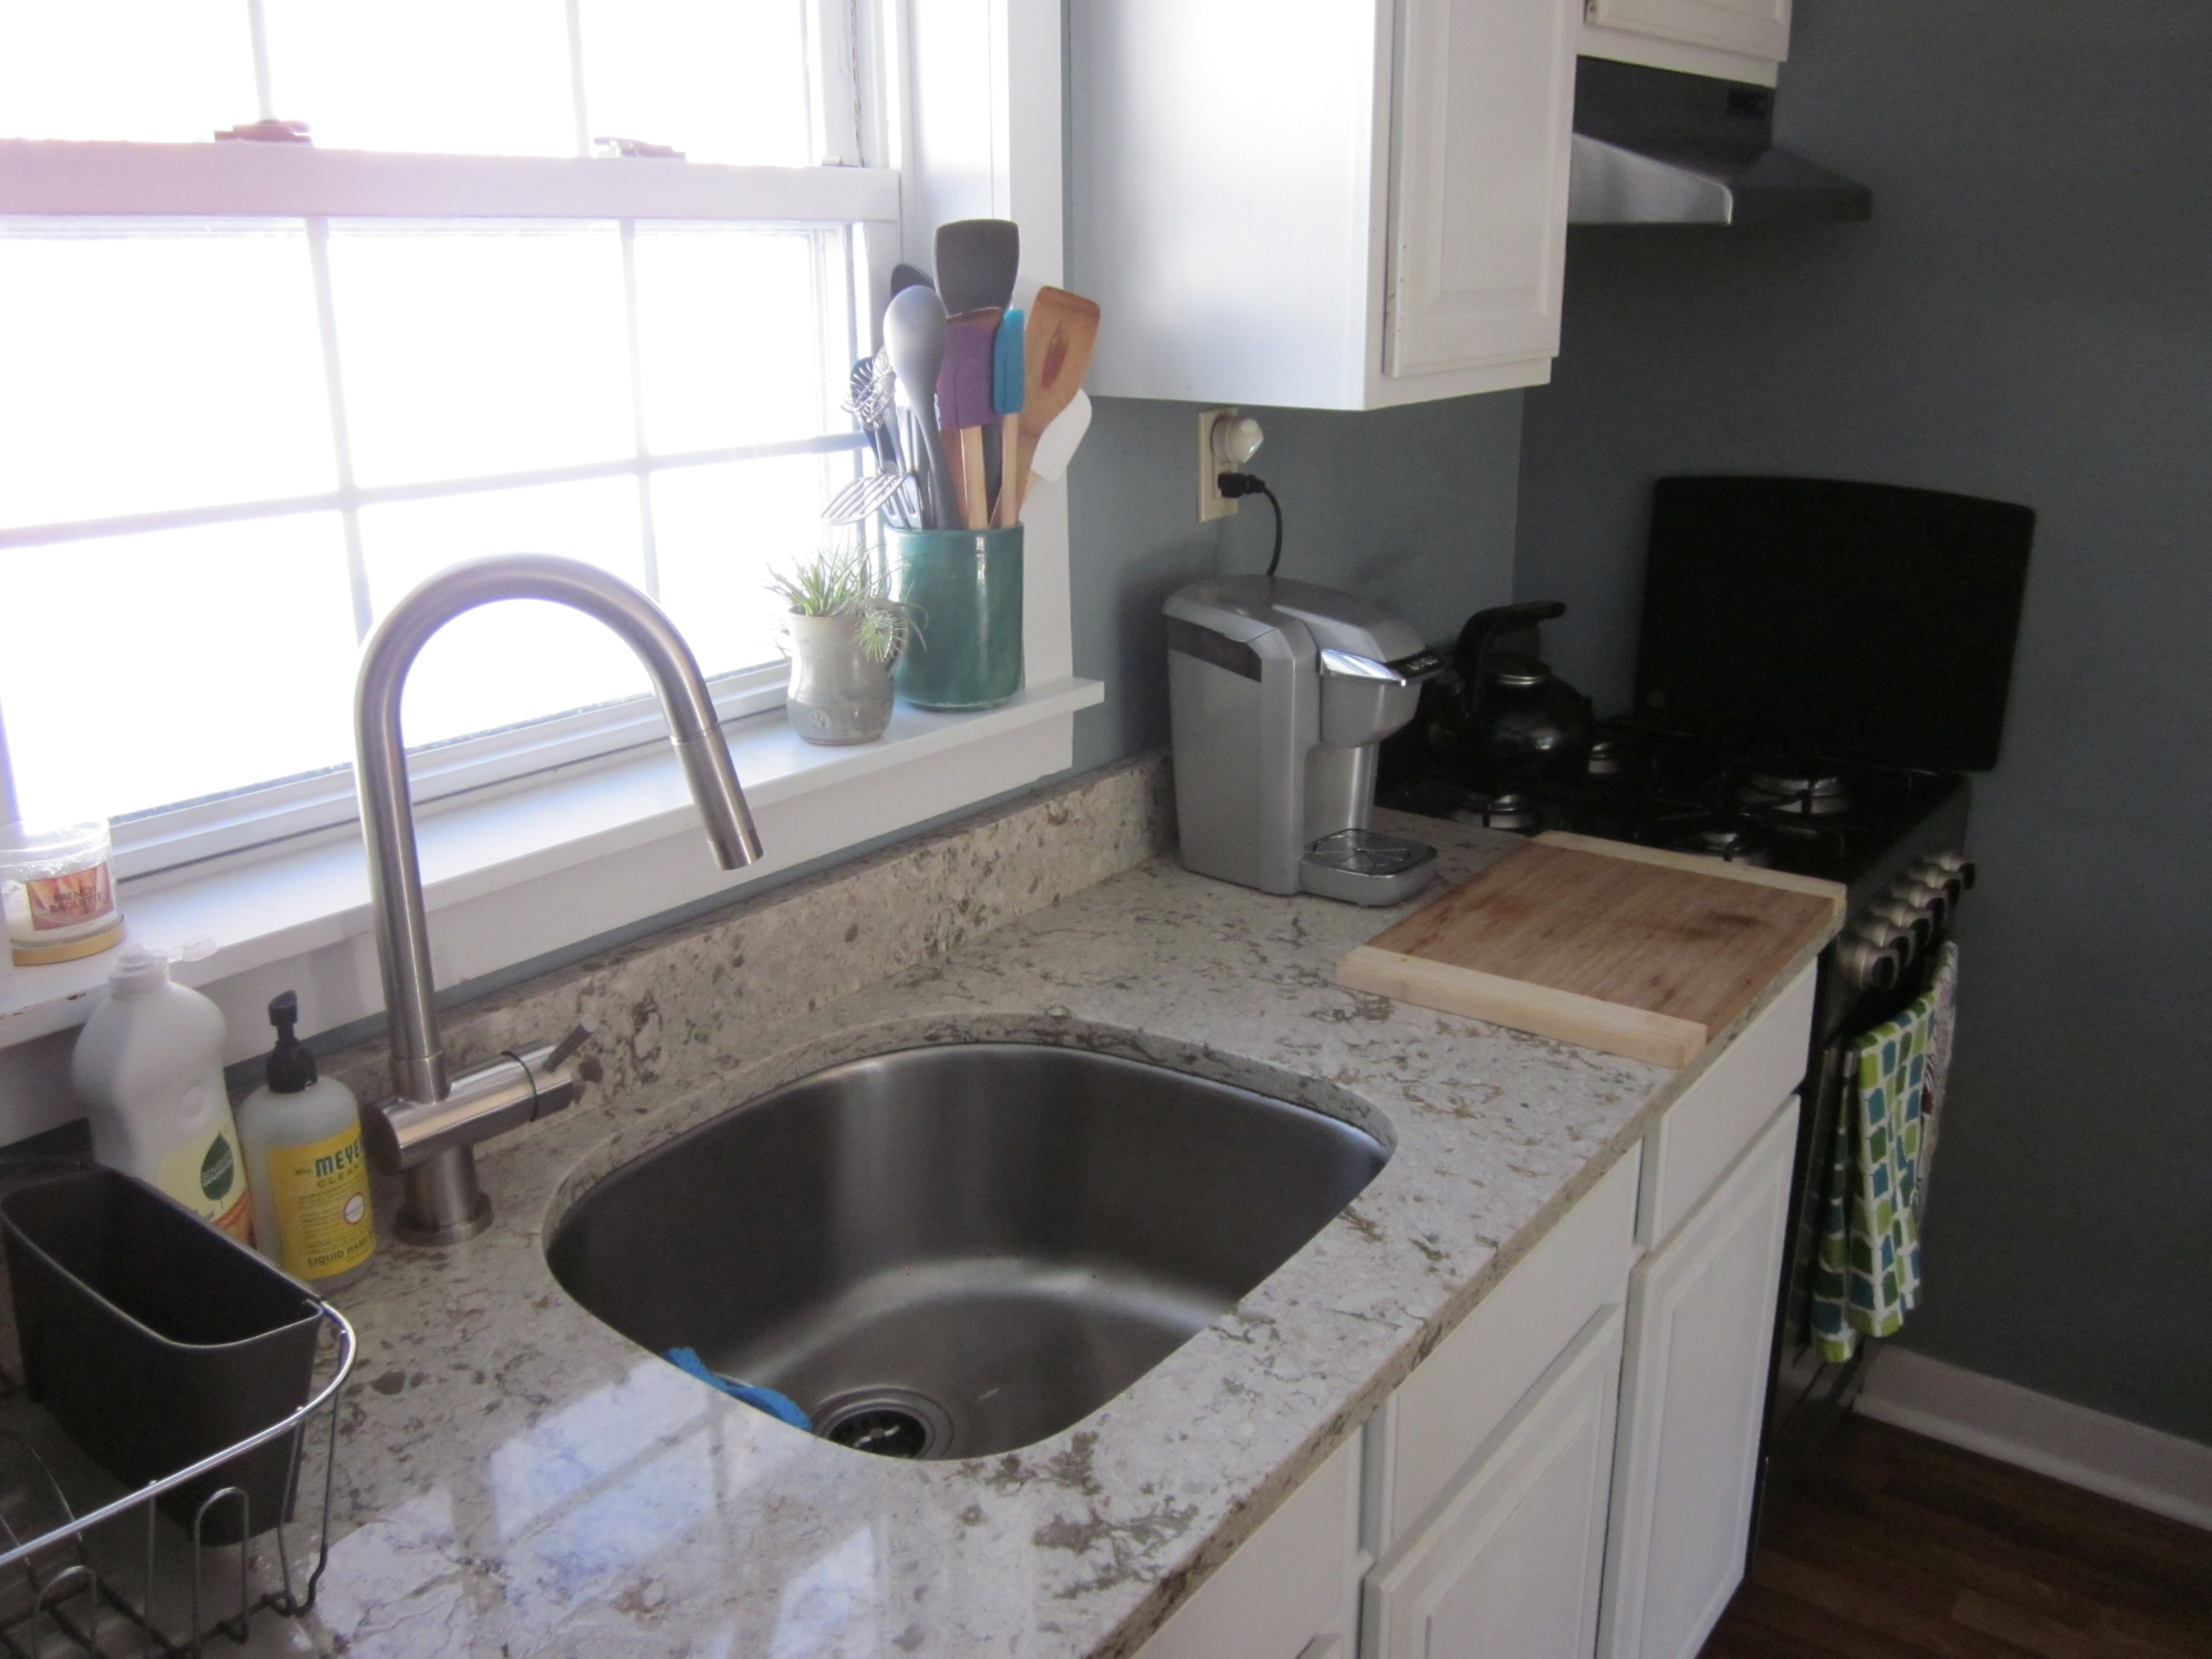 How To Cut Quartz Countertop For Sink Arxiusarquitectura